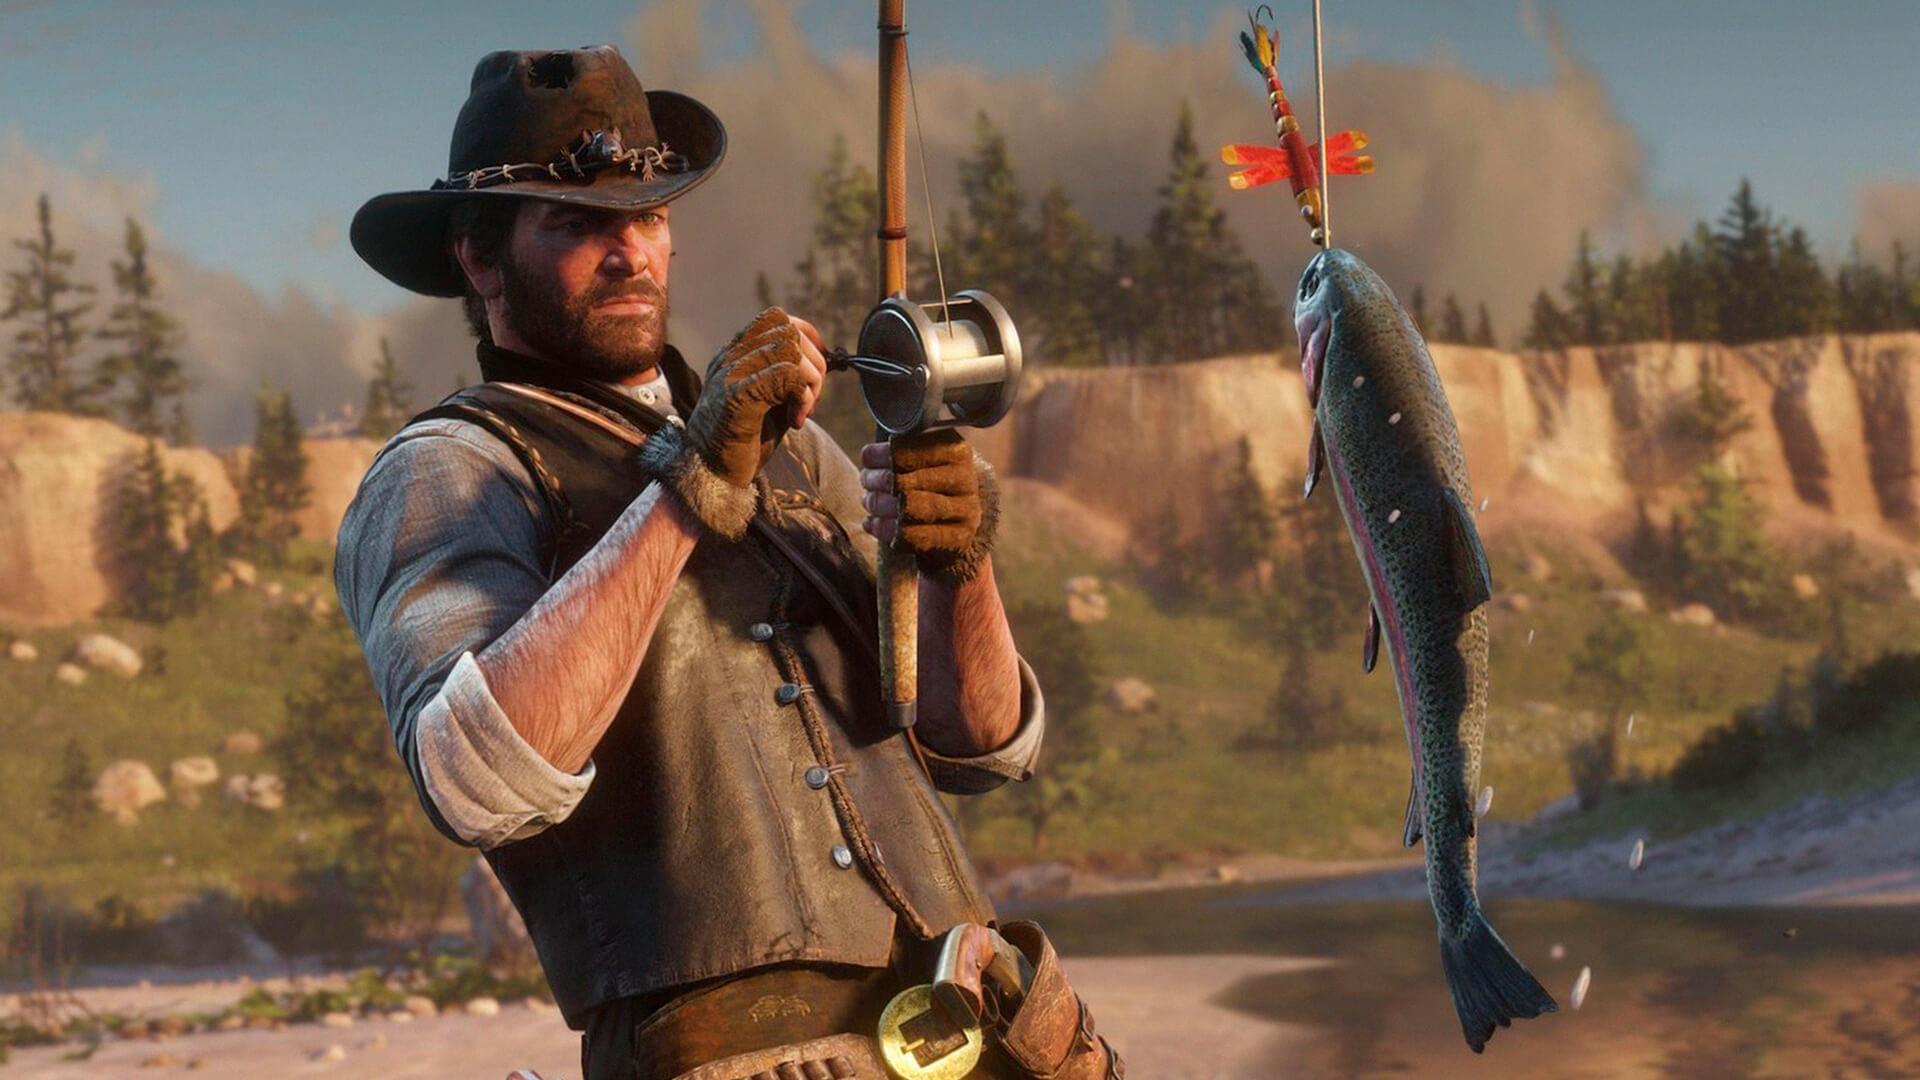 Red Dead Redemption 2 talvez seja um dos jogos mais detalhados, afinal de contas da Rockstar Games fez um trabalho incrível com o seu game.